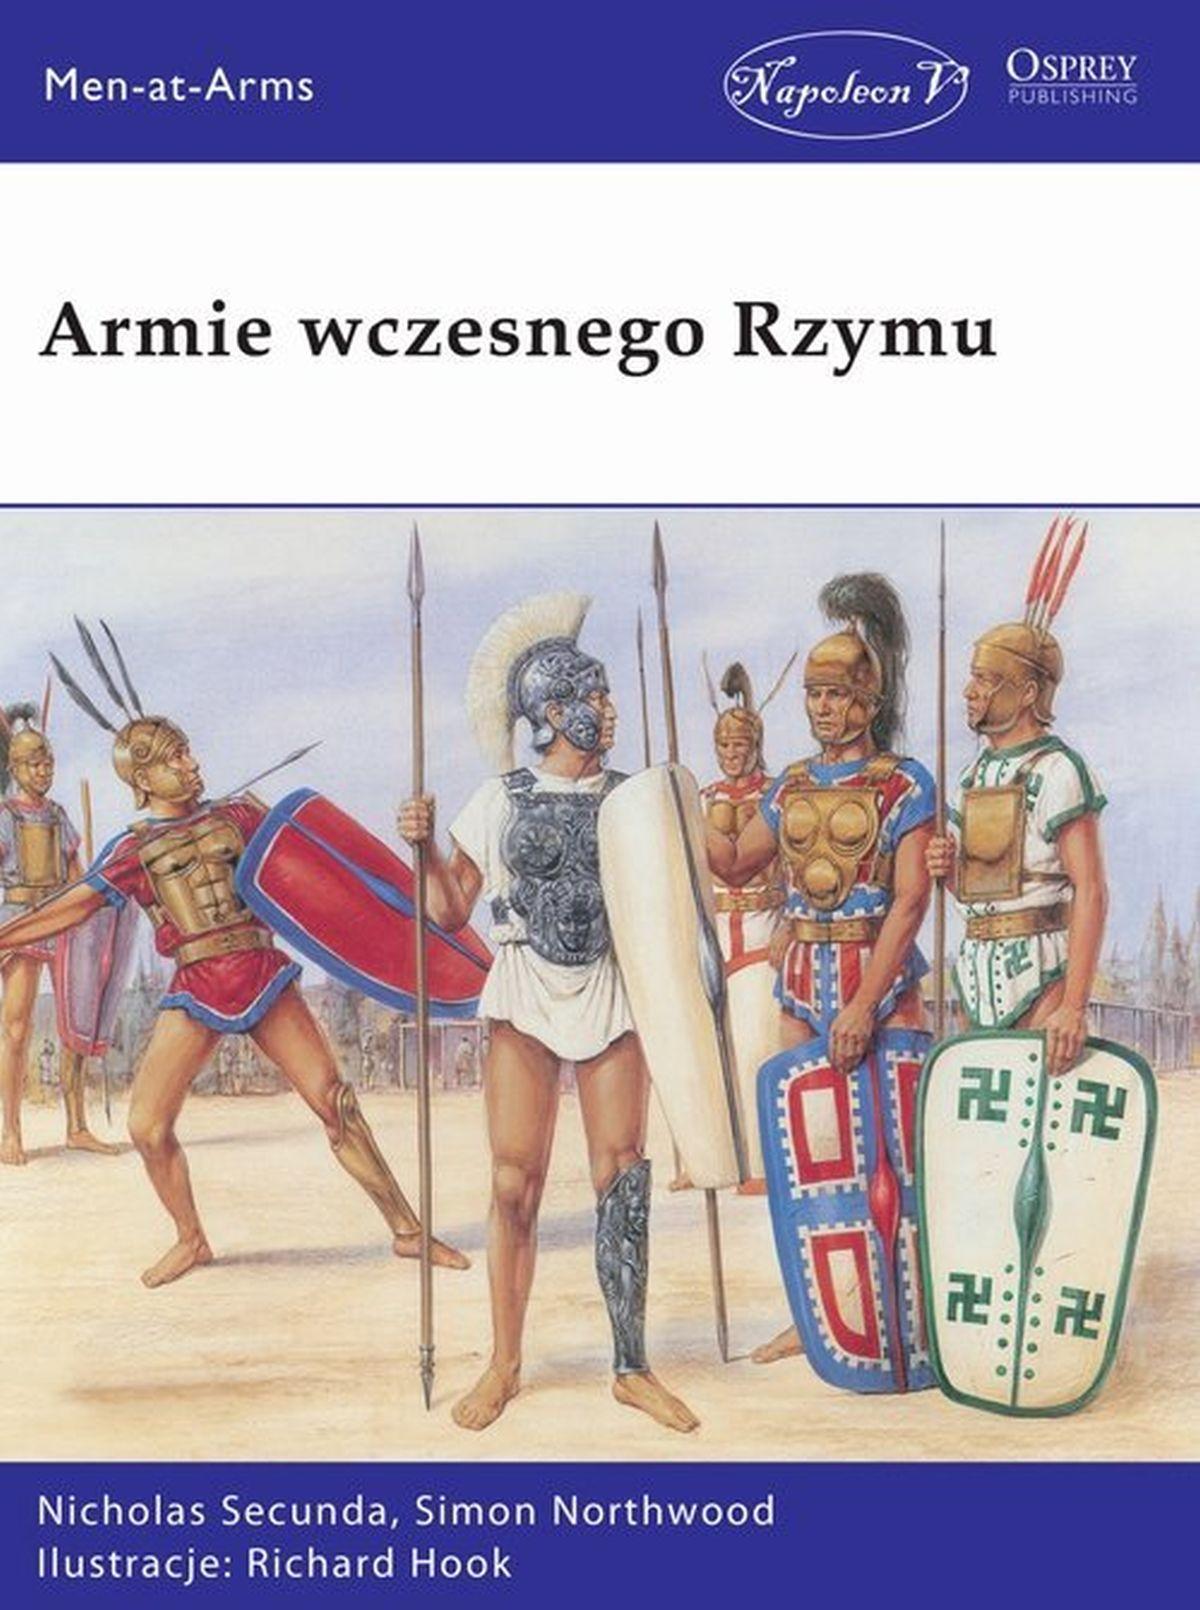 Nicholas Secunda, Simon Northwood, Armie wczesnego Rzymu